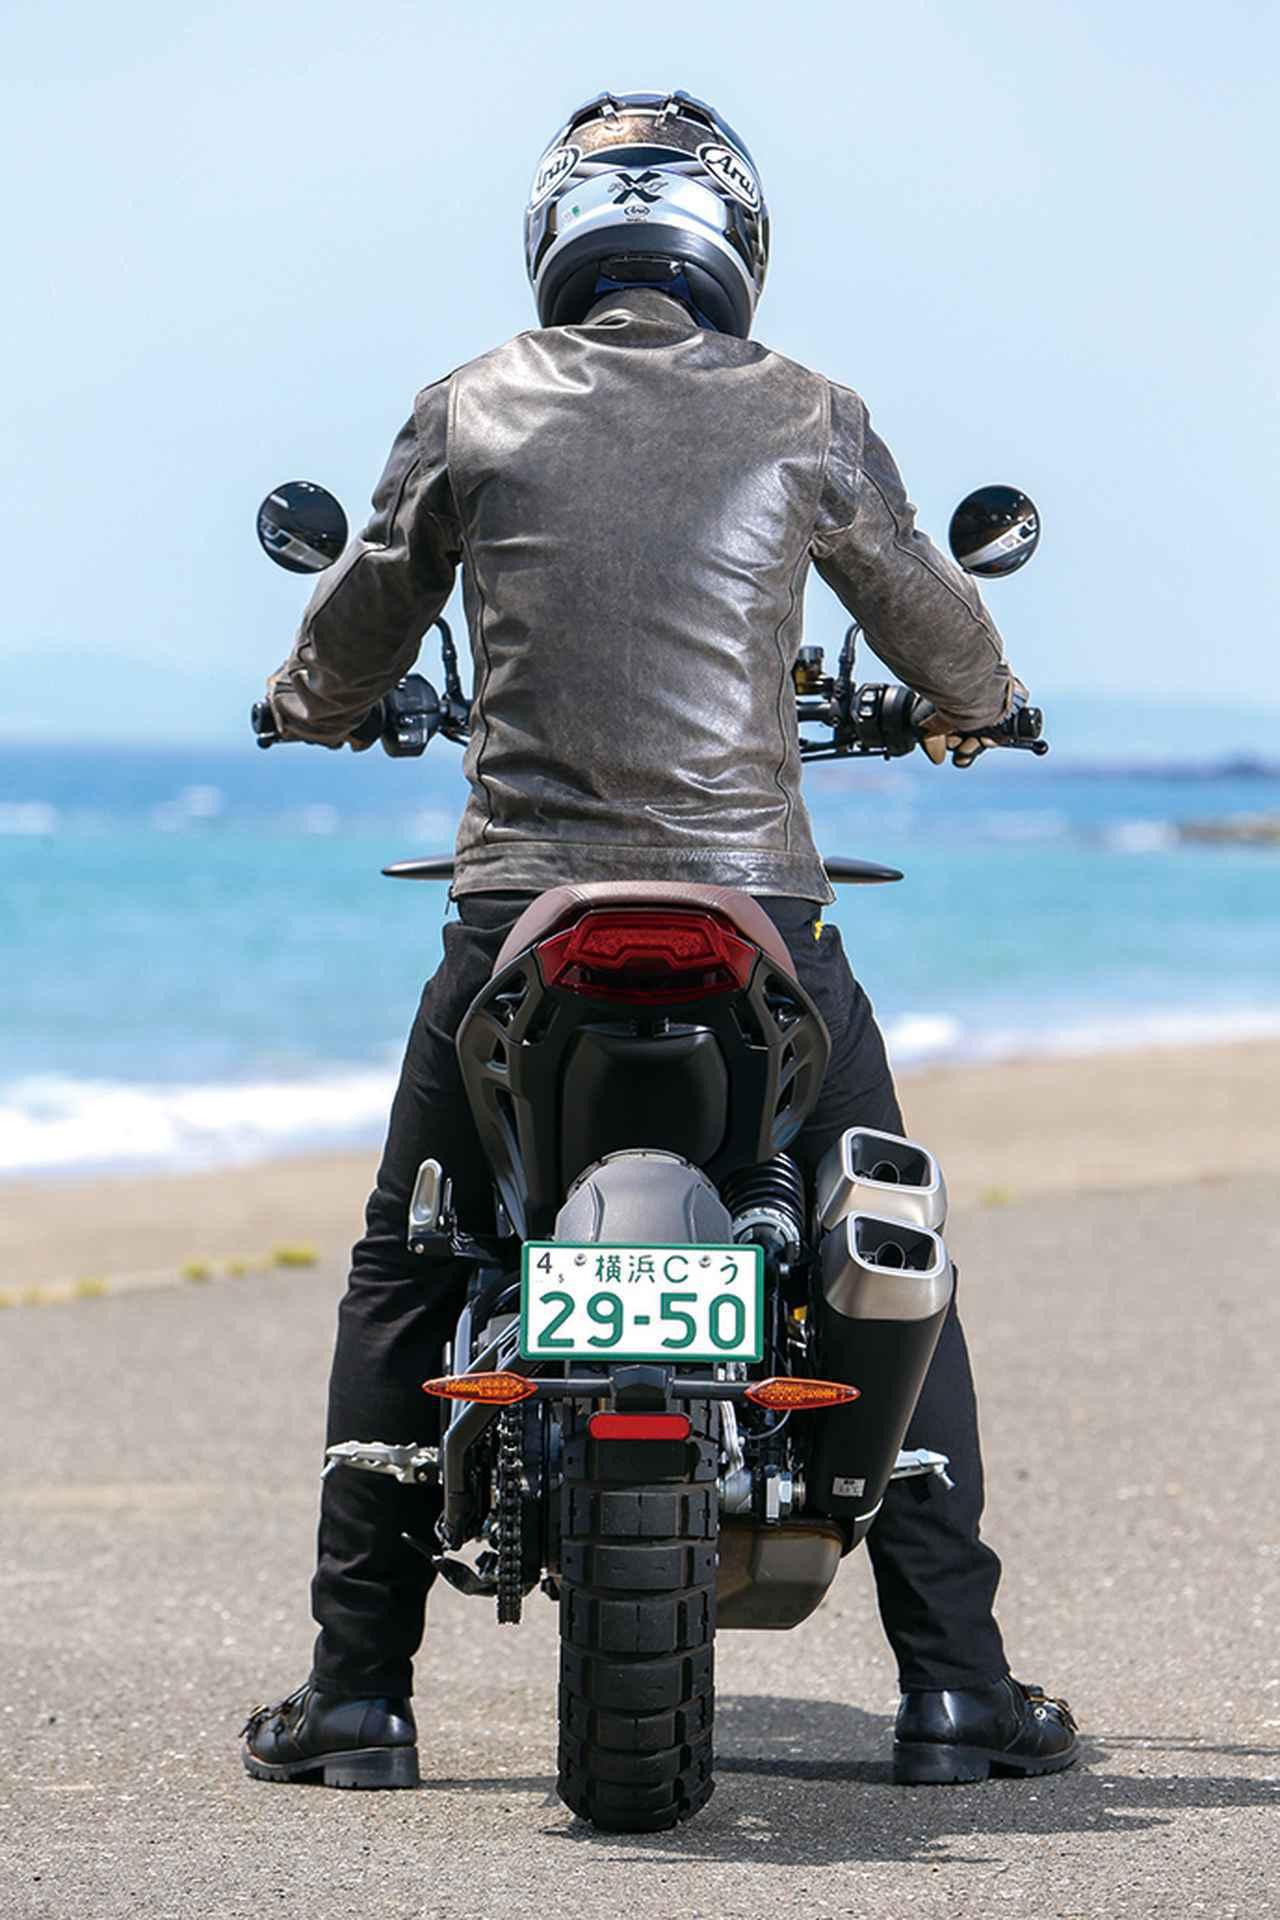 画像1: インディアン「FTR ラリー」ってどんなバイク? 人気モデルFTR1200シリーズに新たに加わったワイルドな一台を試乗インプレ(2020年)